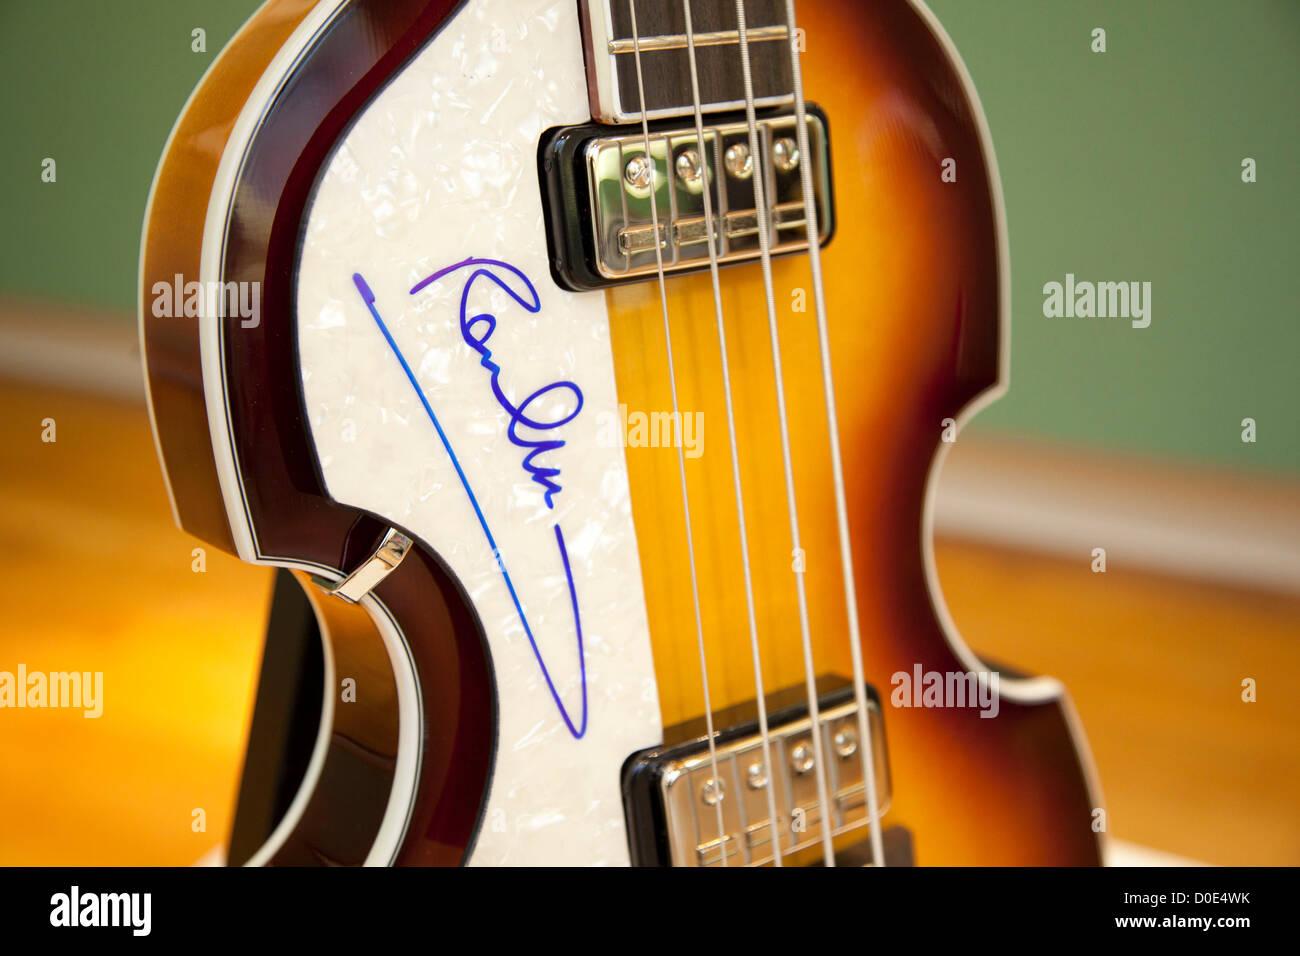 London, UK. Freitag, 23. November 2012. Christies Auktion Haus präsentiert Erinnerungsstücke aus jedem Stockbild